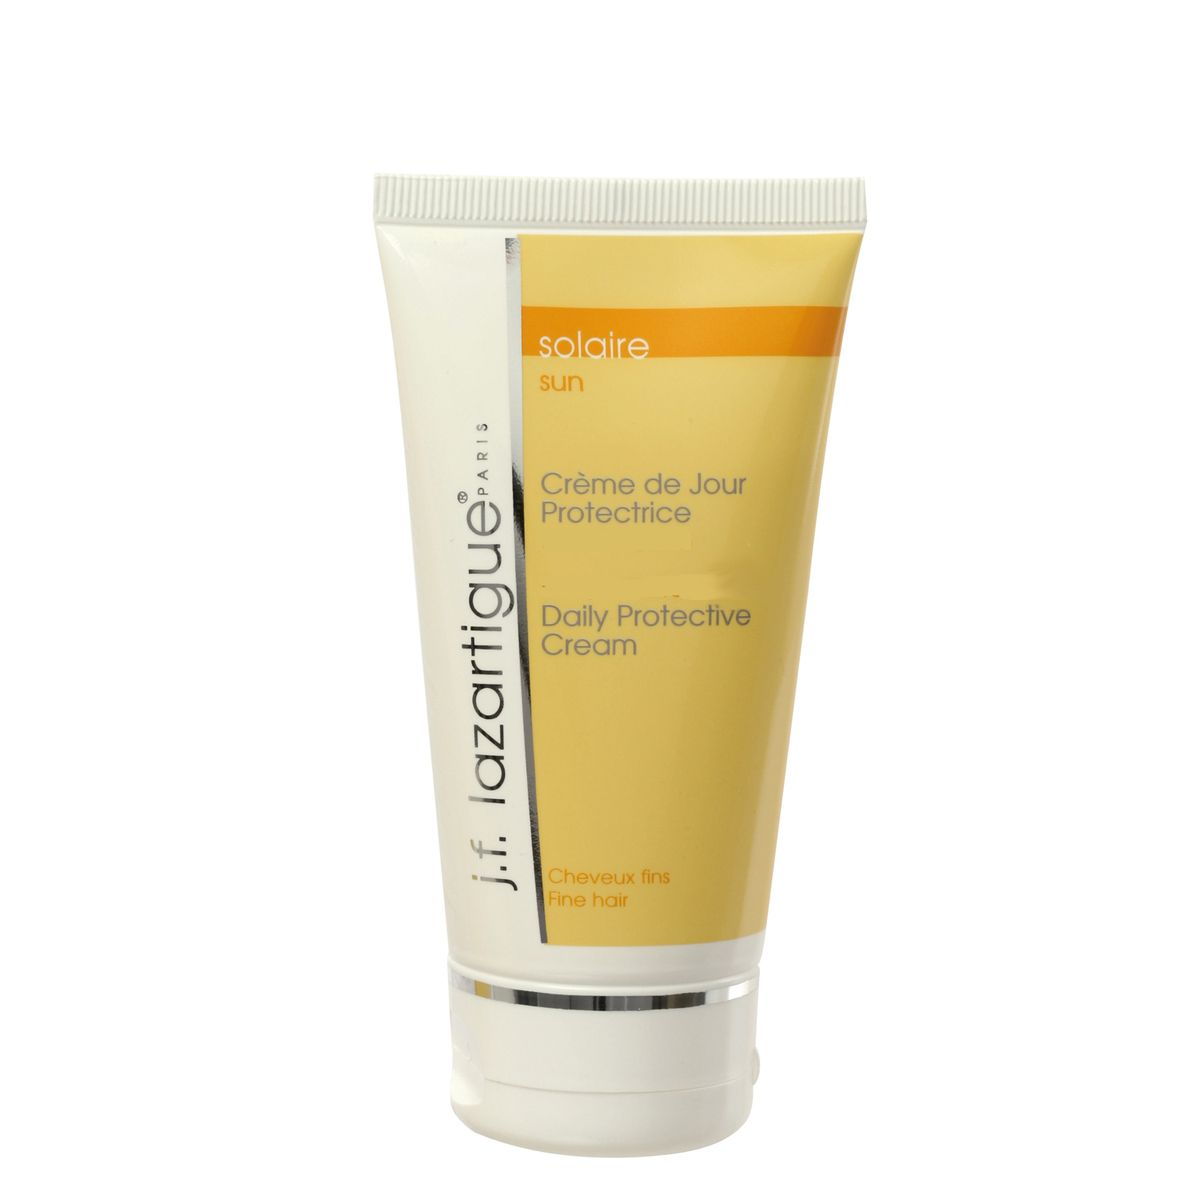 J.F.Lazartigue Солнцезащитный крем для волос для ежедневного использования 75 мл07511Крем легкой текстуры (крем-гель), обогащенный маслами макадамии и малины, питает волосы, делает их более послушными. Витамин F защищает волосы от внешних агрессивных факторов (загрязнений окружающей среды, ветра, солнечных лучей, морской воды и т.п.). Солнцезащитные фильтры (в том числе натуральные – экстракт подсолнечника) предотвращают выгорание волос после длительного пребывания на солнце. Крем помогает контролировать накопление в волосах статического электричества. Не утяжеляет волосы. Рекомендуется для тонких, сухих и тусклых волос.